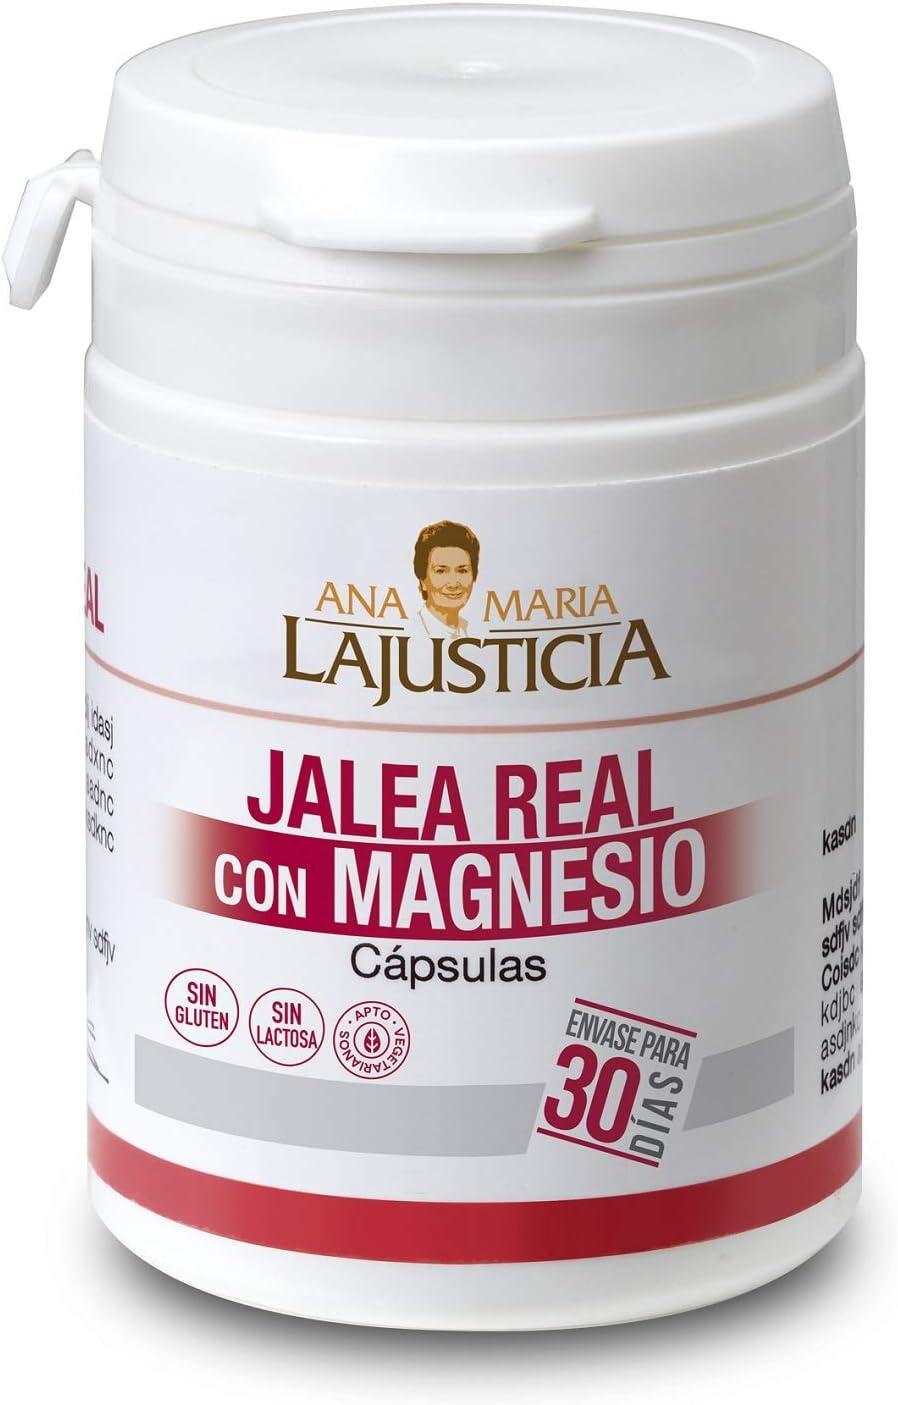 Ana Maria Lajusticia - Jalea real con Magnesio – 60 cápsulas. Proporciona energia y vitalidad. Contribuye a disminuir el cansancio y la fatiga. Envase para 30 días de tratamiento.